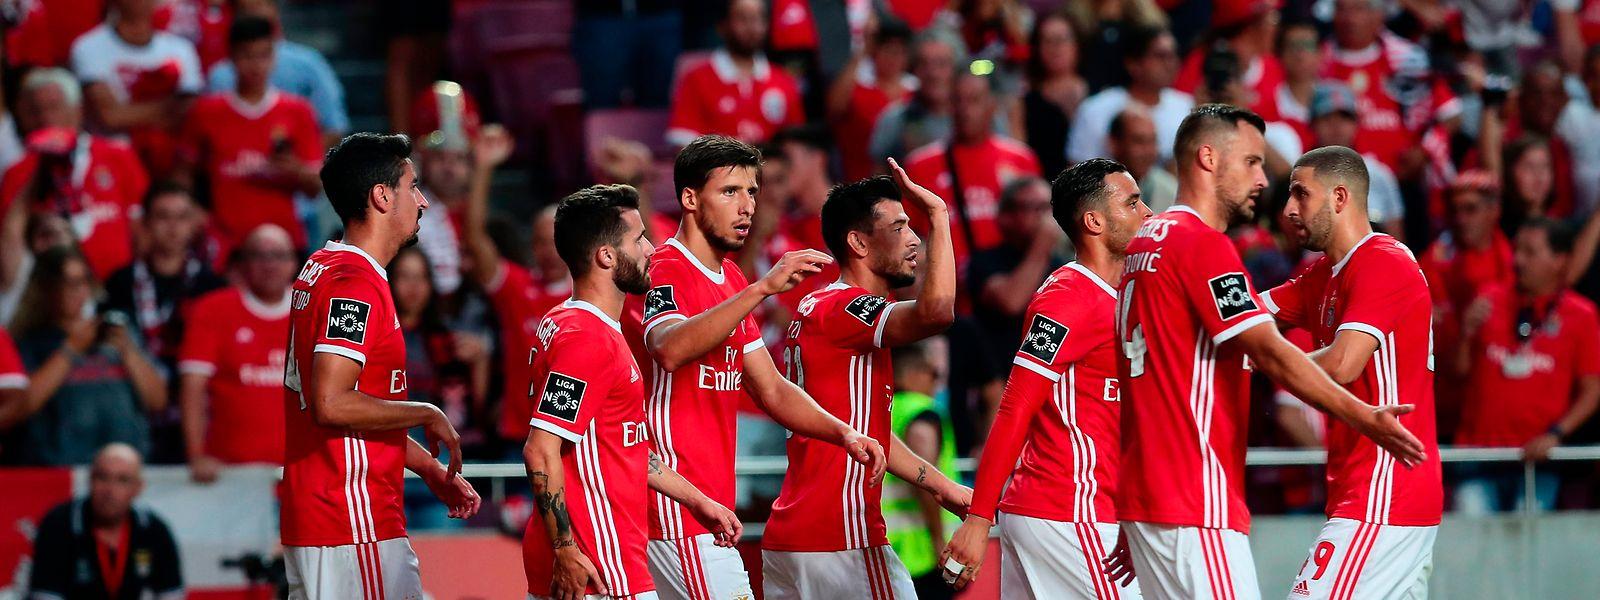 Benfica e Leipzig defrontam-se pela primeira vez, num encontro com arbitragem do grego Tasos Sidiropoulos